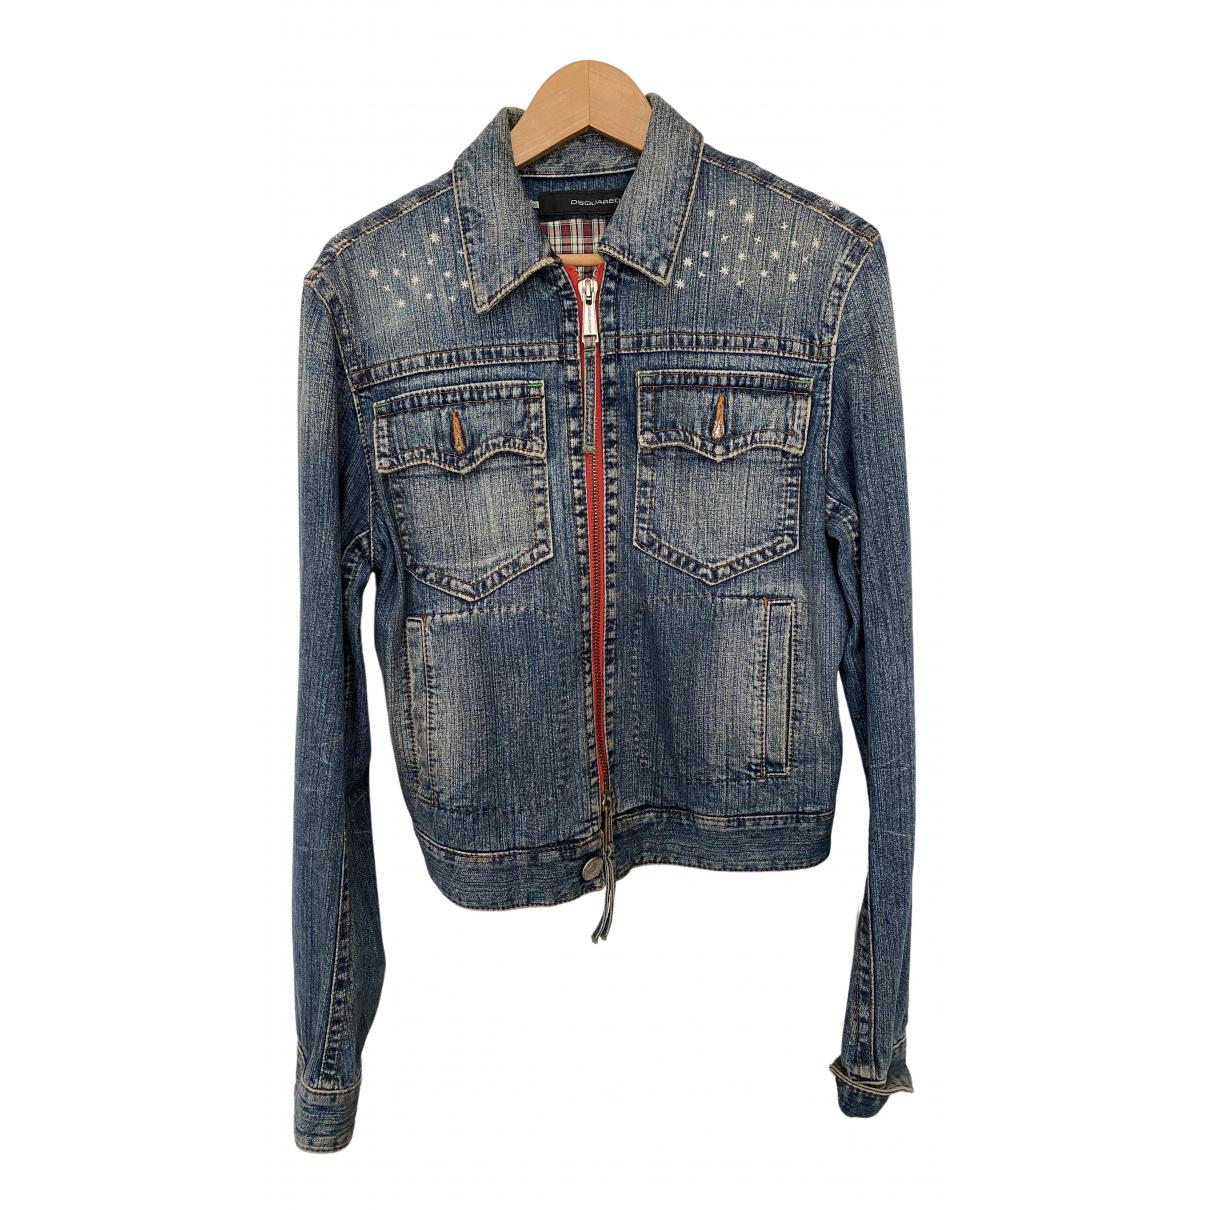 Dsquared2 \N Blue Denim - Jeans jacket  for Men 50 IT